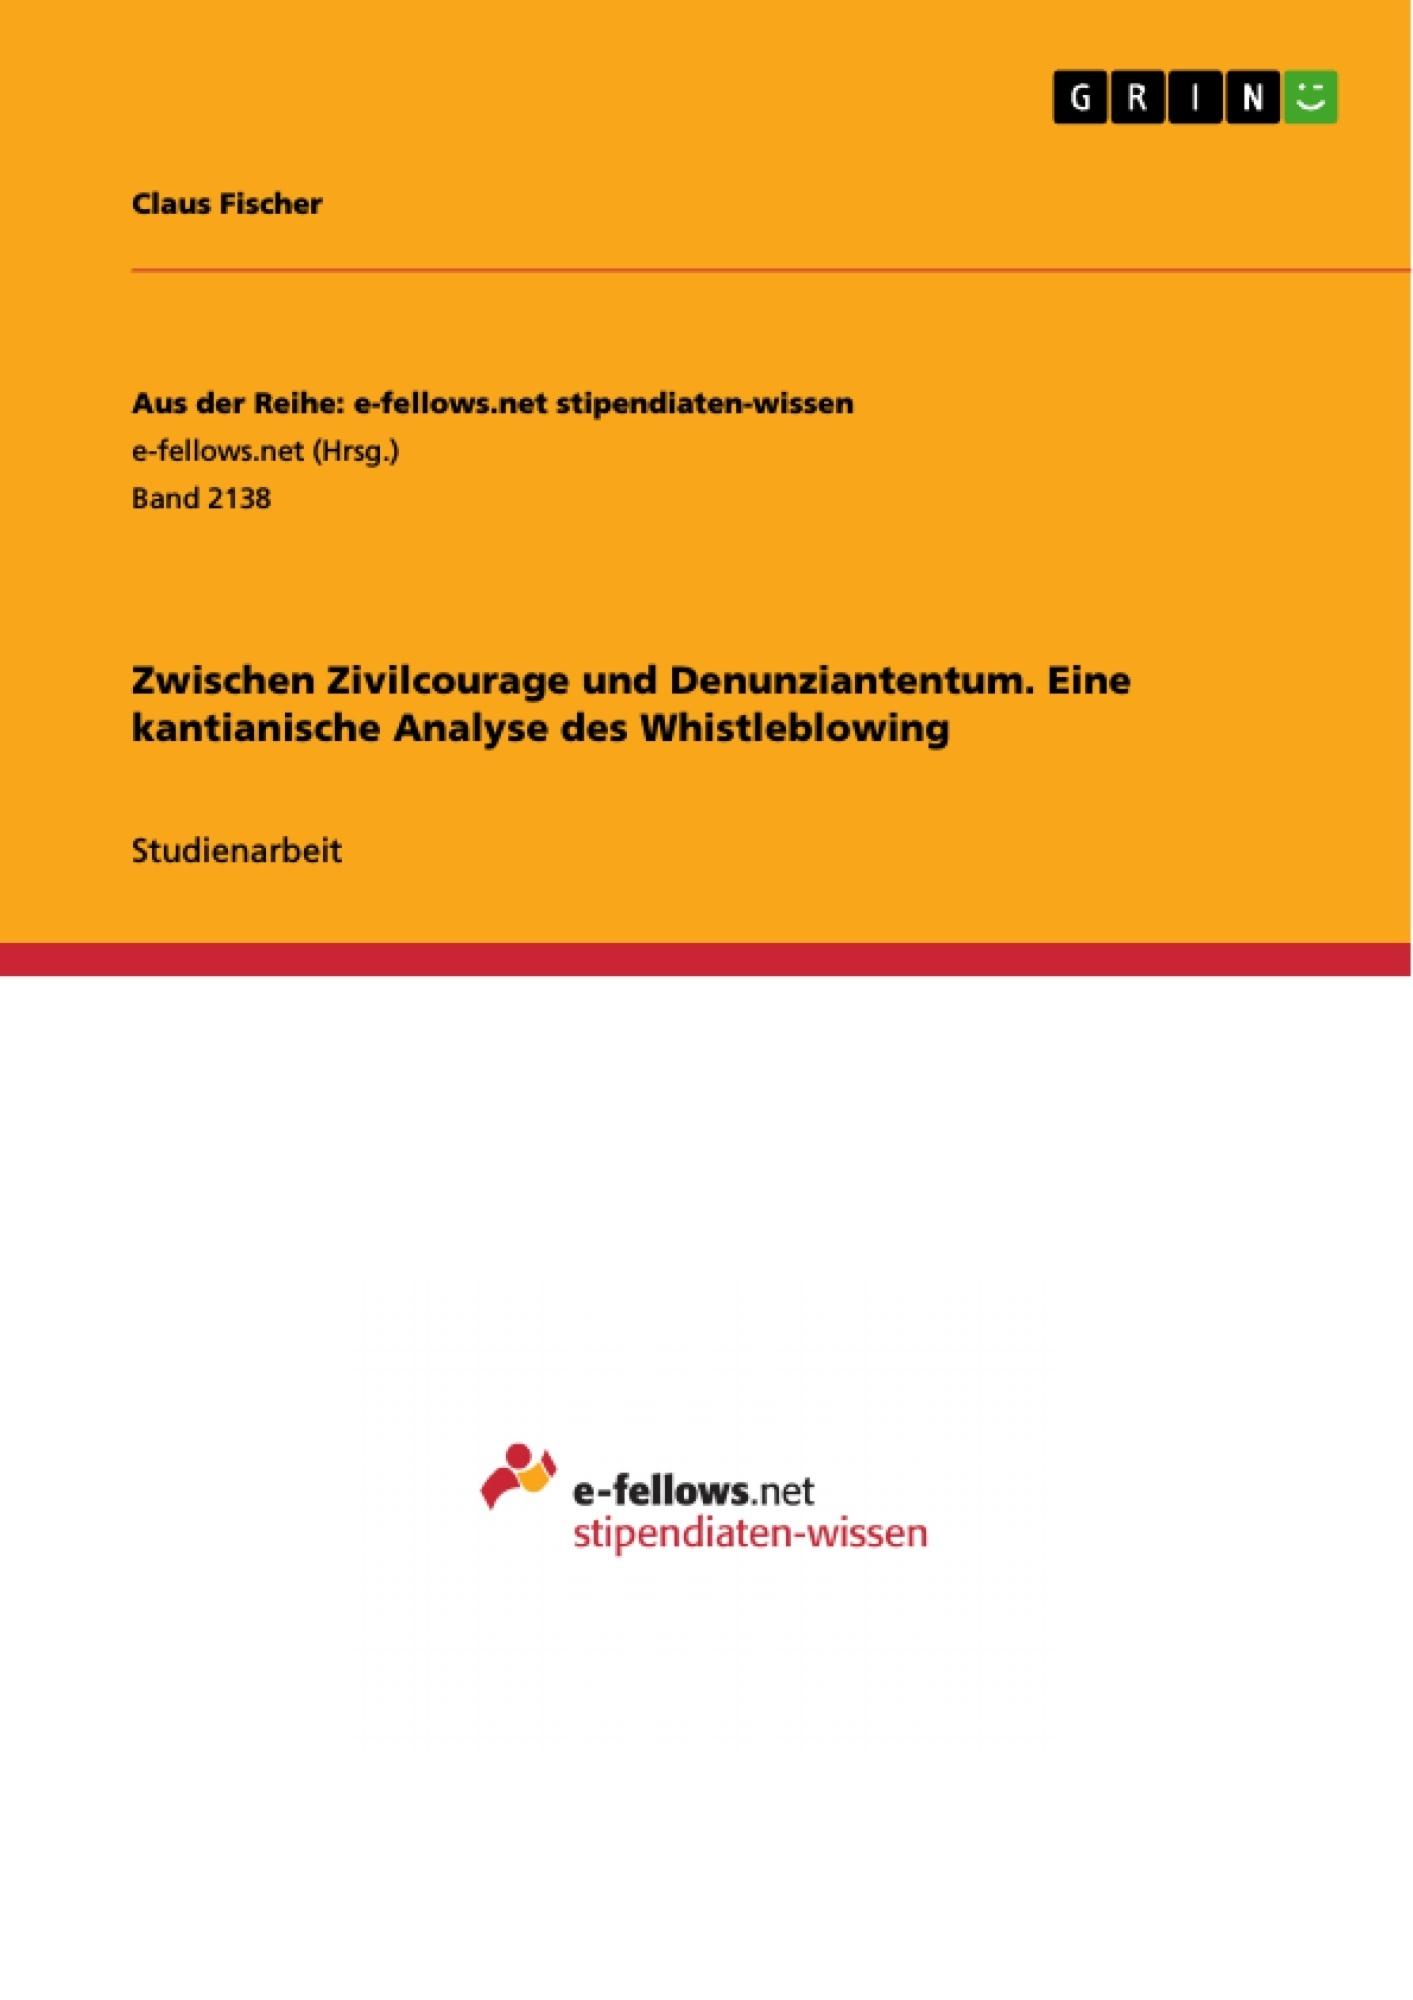 Titel: Zwischen Zivilcourage und Denunziantentum. Eine kantianische Analyse des Whistleblowing